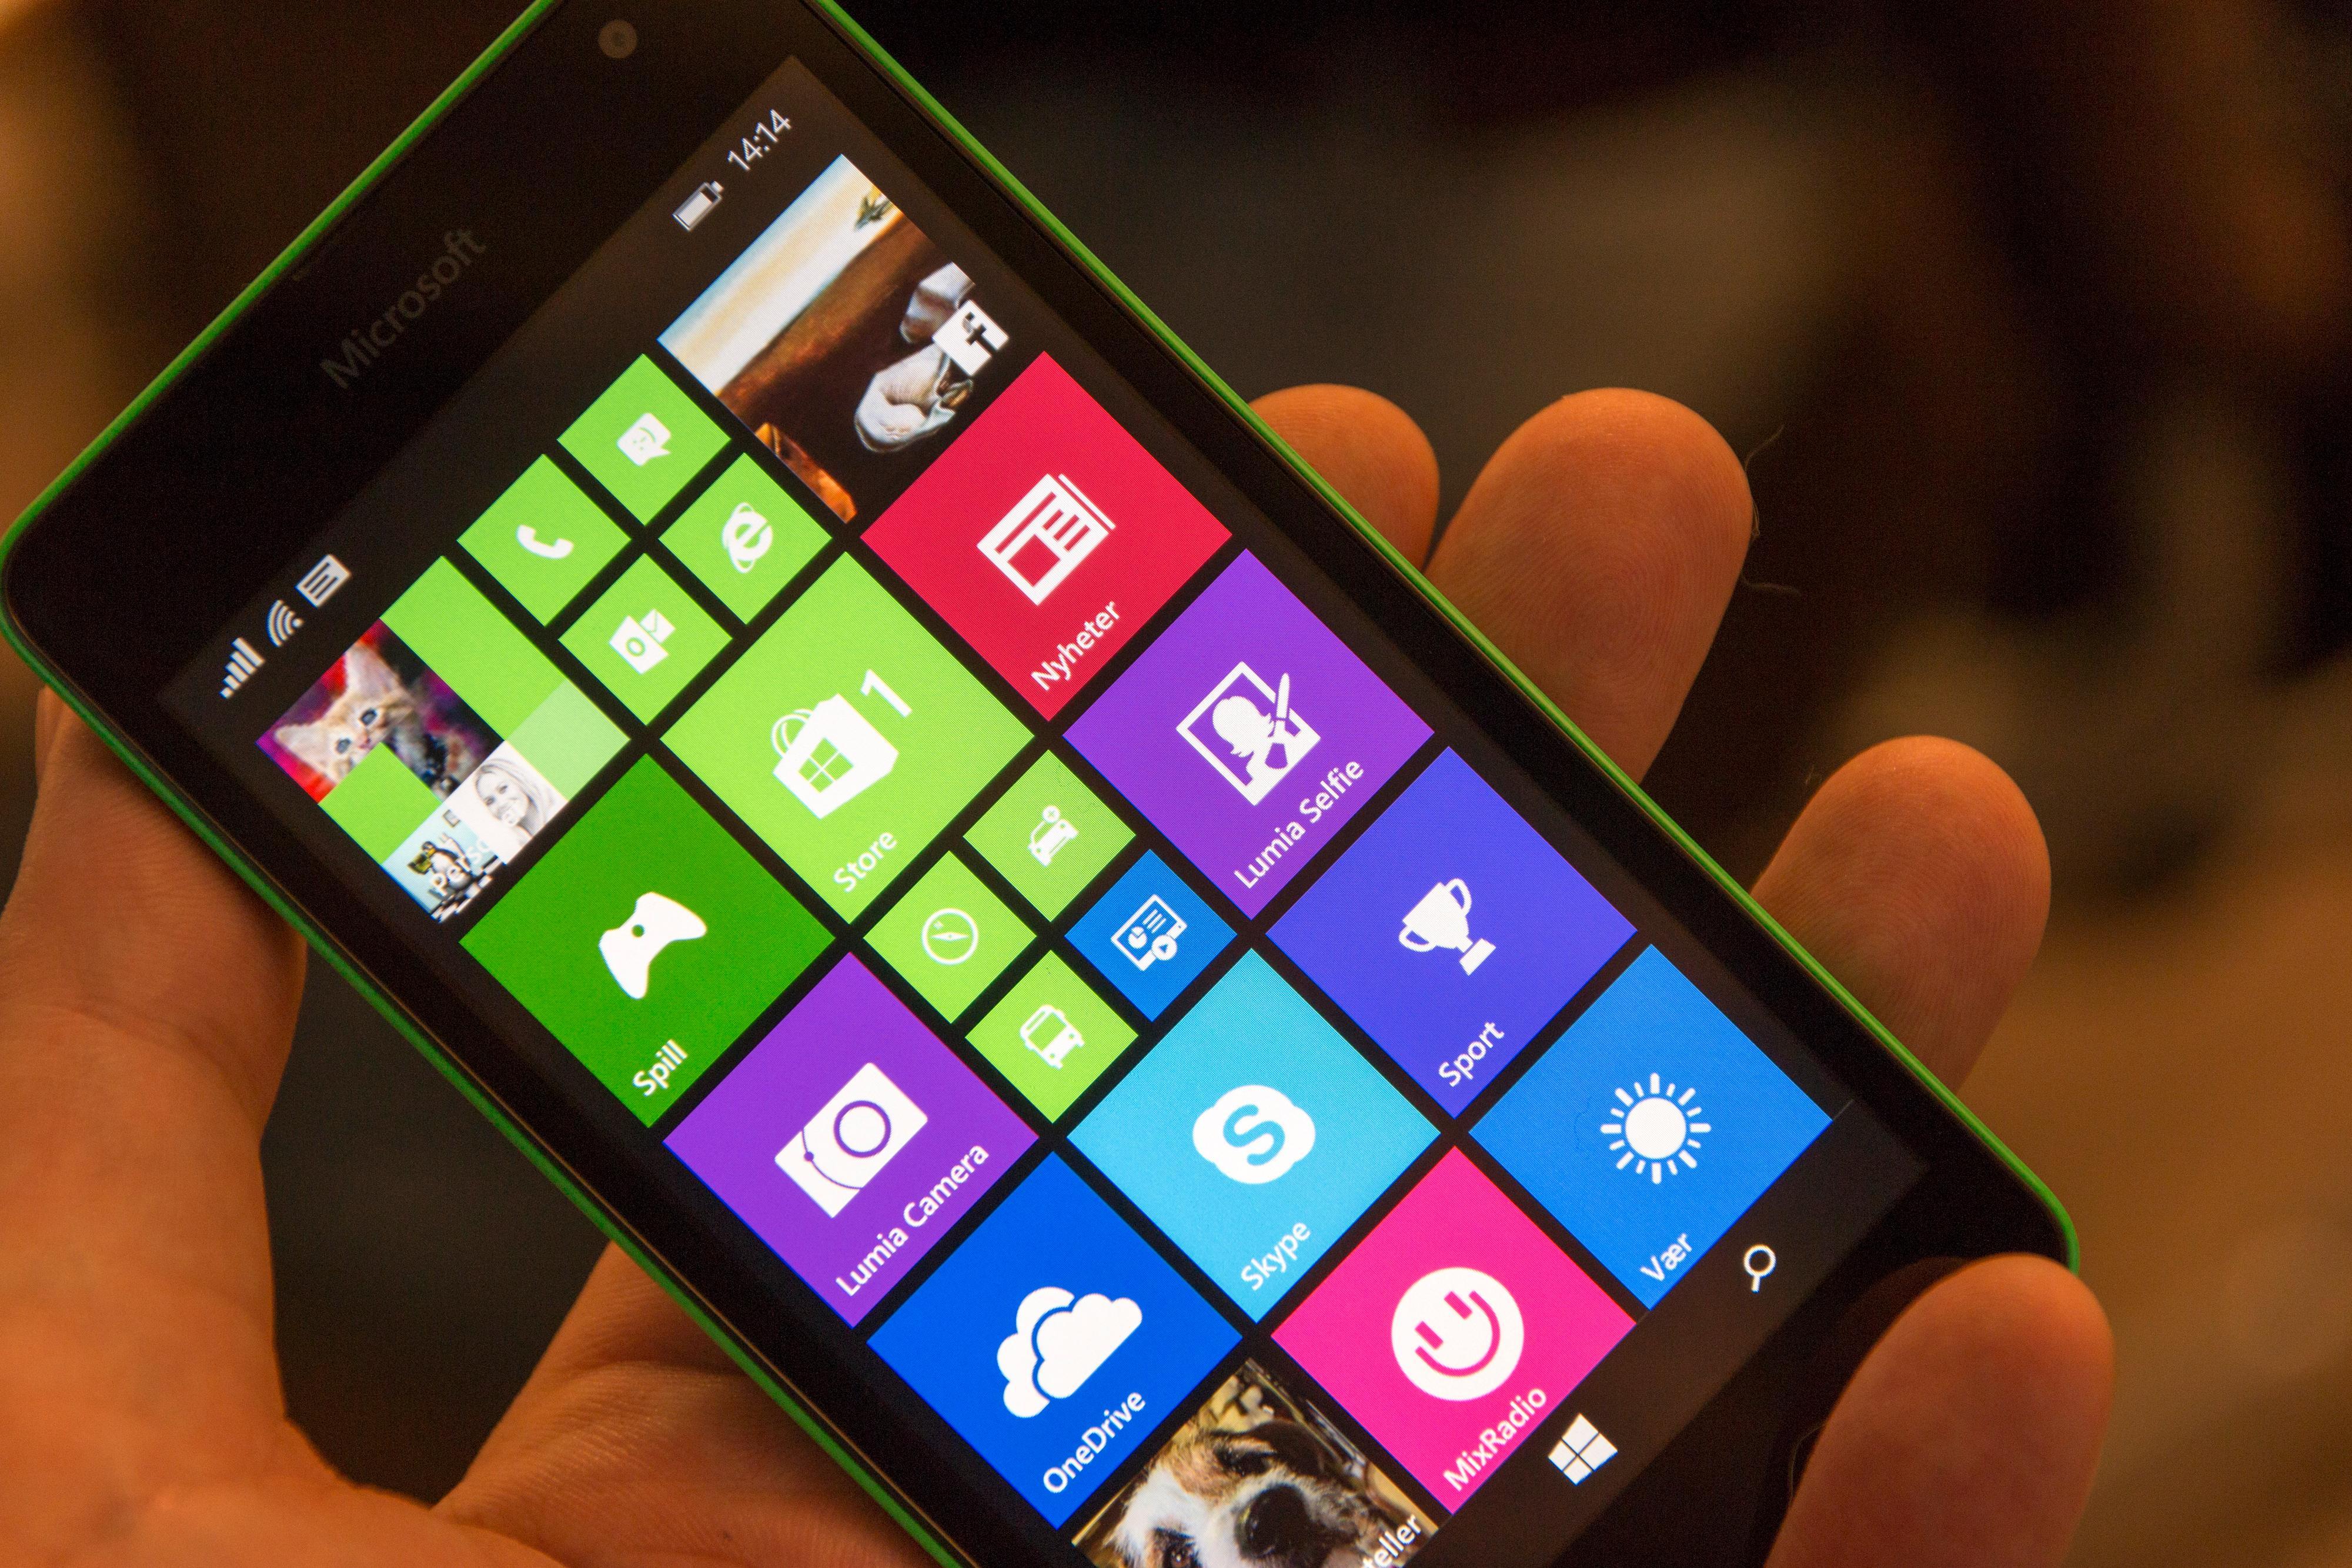 Windows 10 blir snart tilgjengelig på langt flere Lumia-modeller. Foto: Finn Jarle Kvalheim, Tek.no